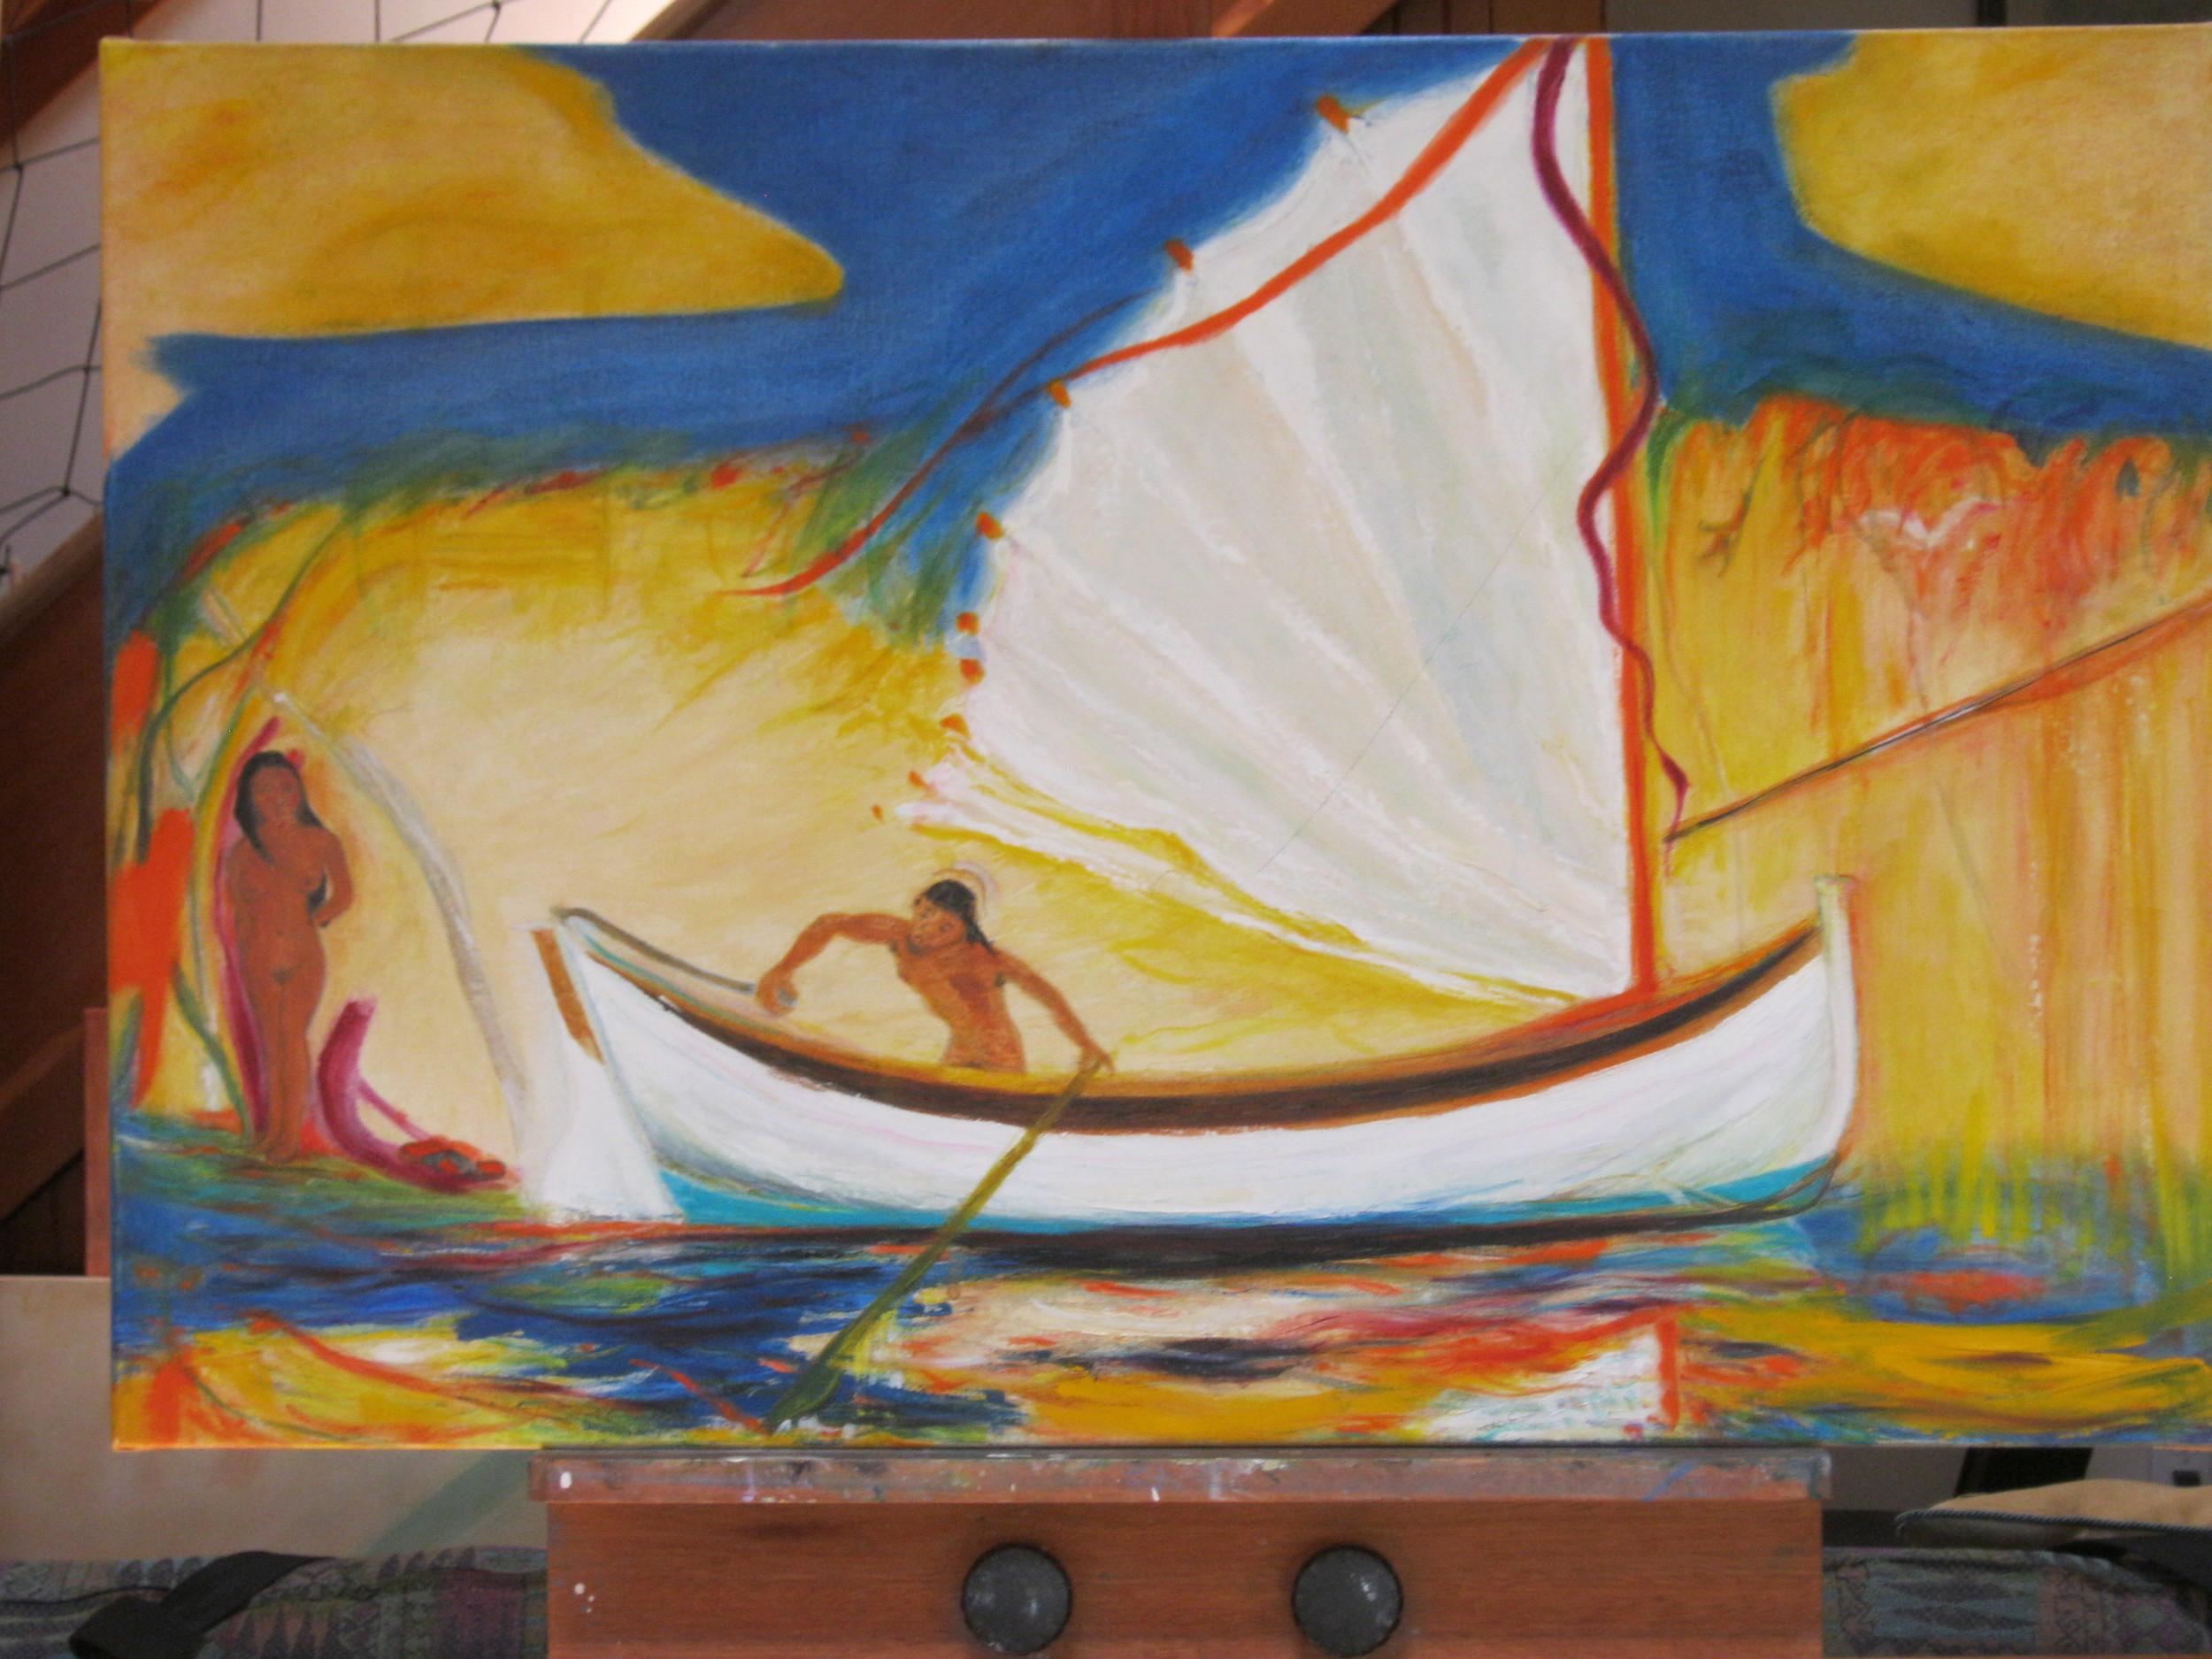 Noa Noa: Homage to Gauguin